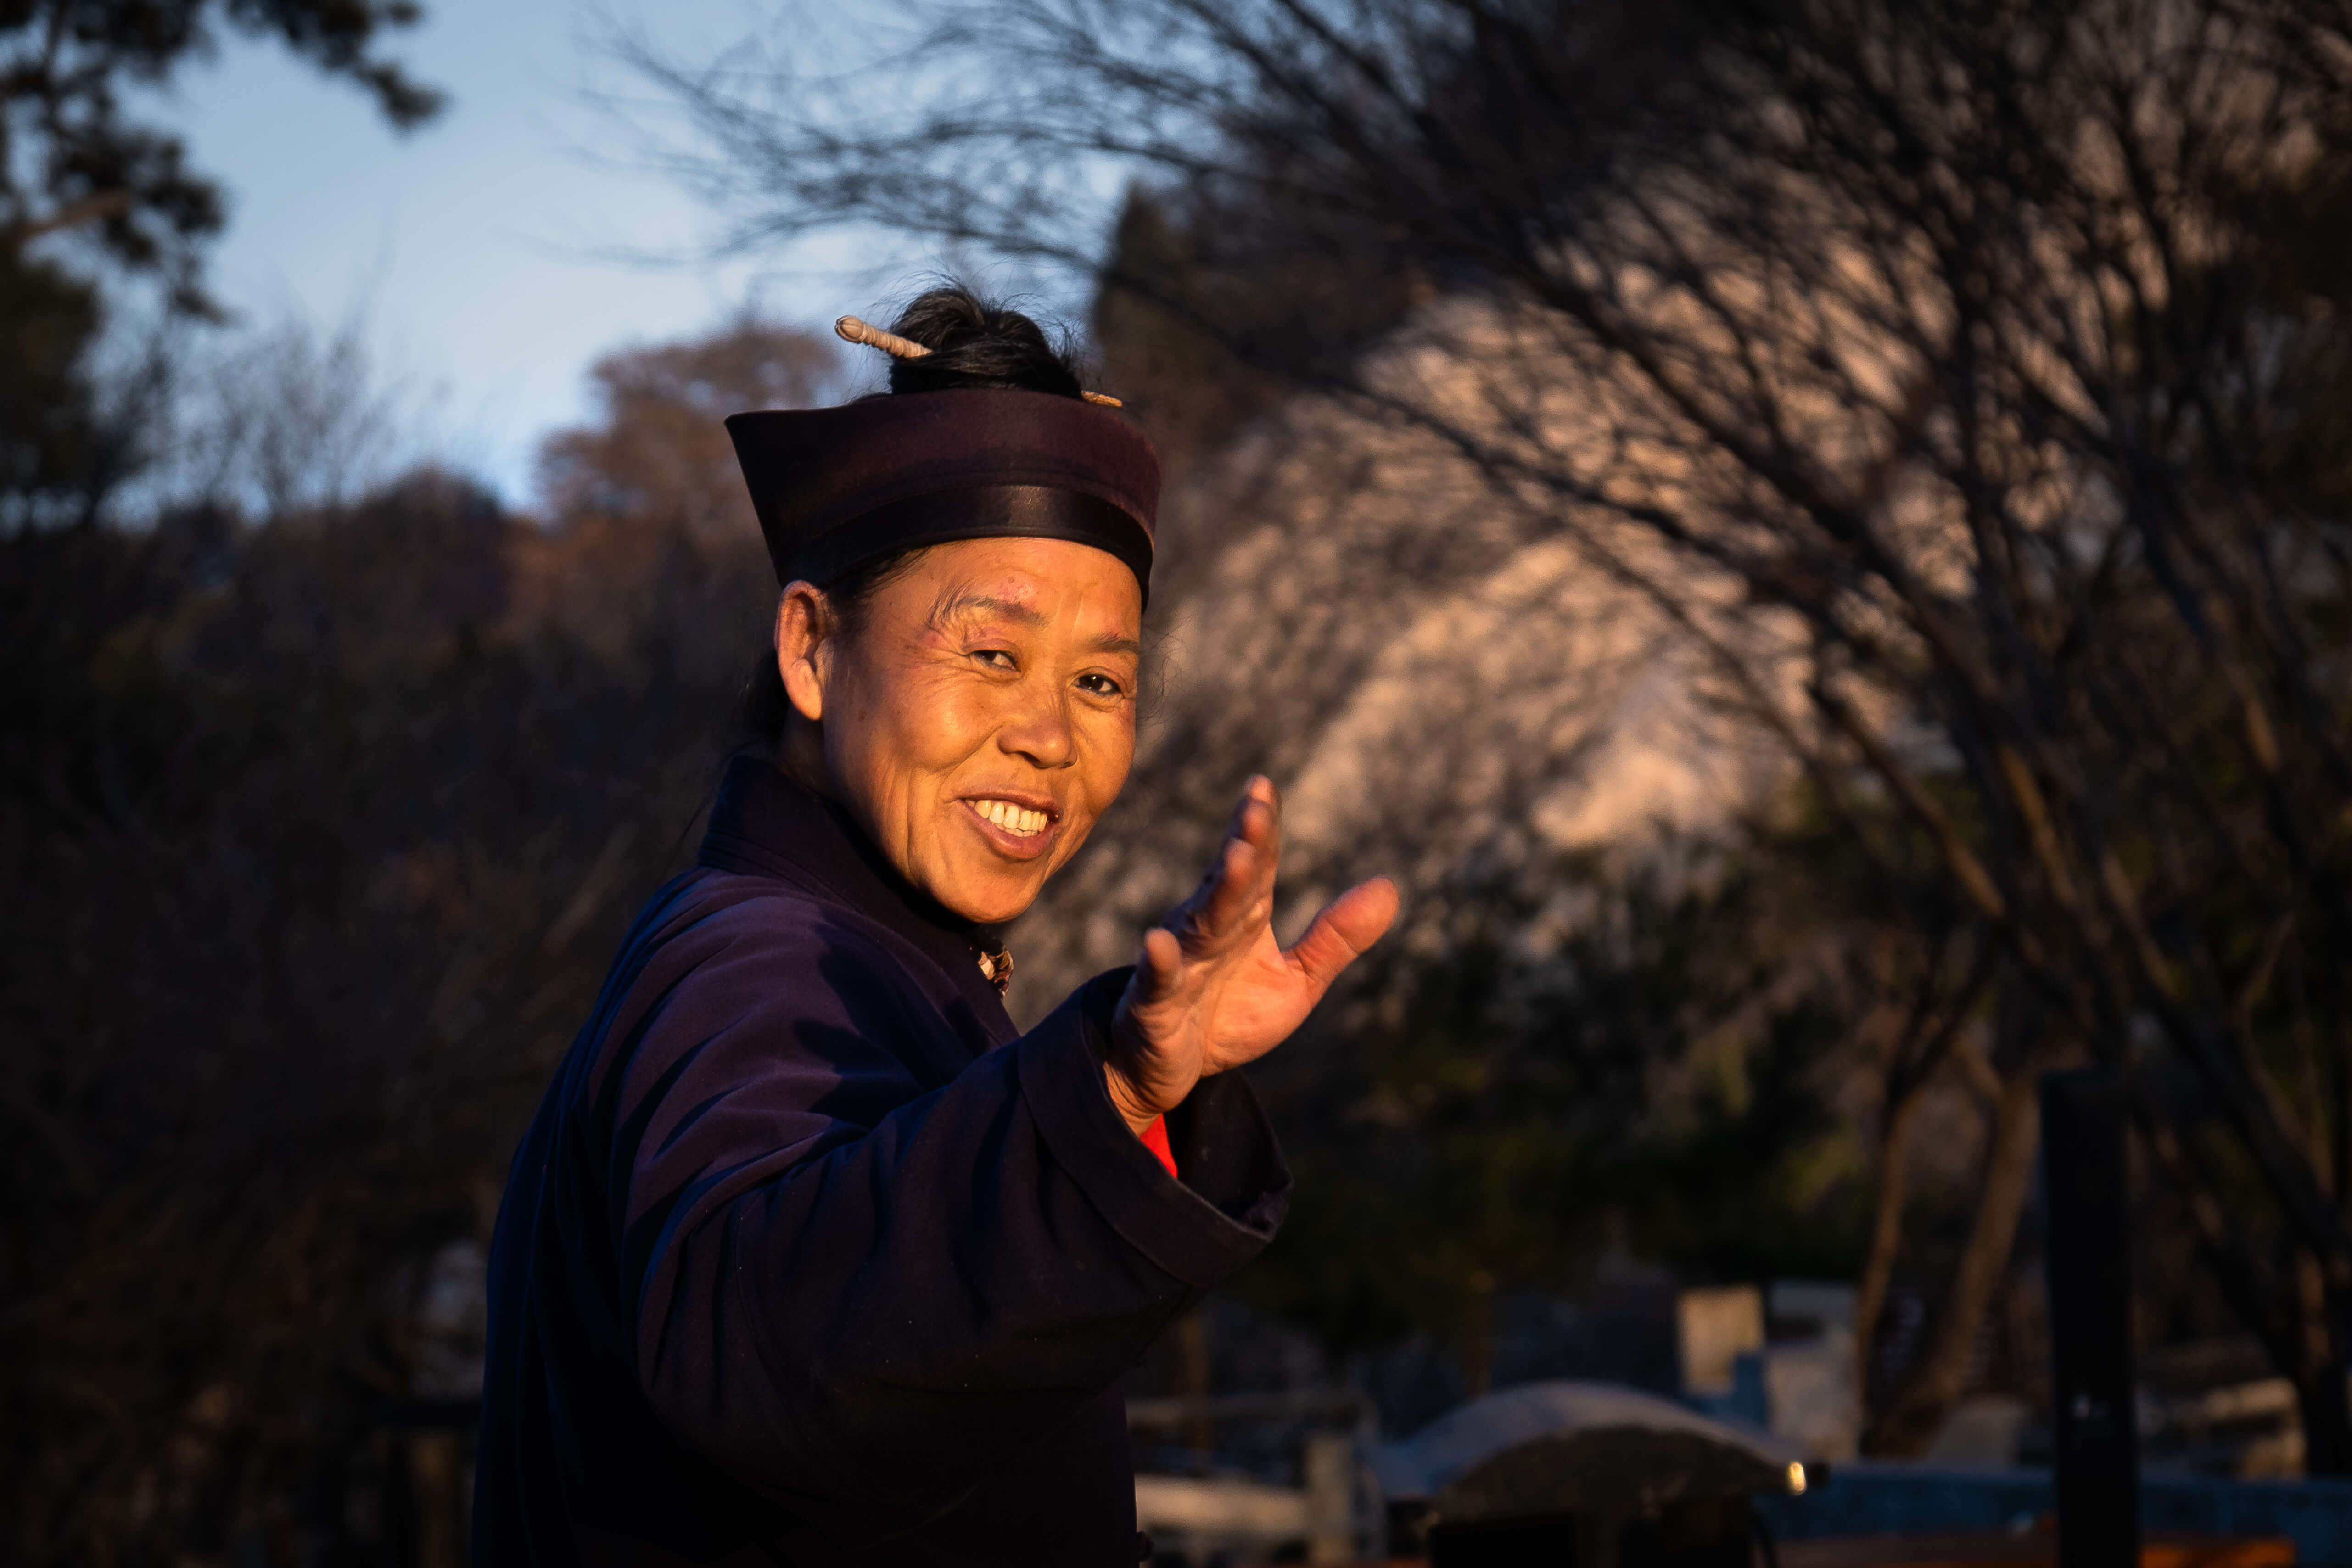 Nord de la Chine, Voyage en Chine, Pékin, Cité Interdite, Xi'an, Montagne sacrée Huashan, Quartier musulman de Xian, Voyage Photo en Chine, Blog de voyage, Blog de photographie, Voyage photos, Baikara